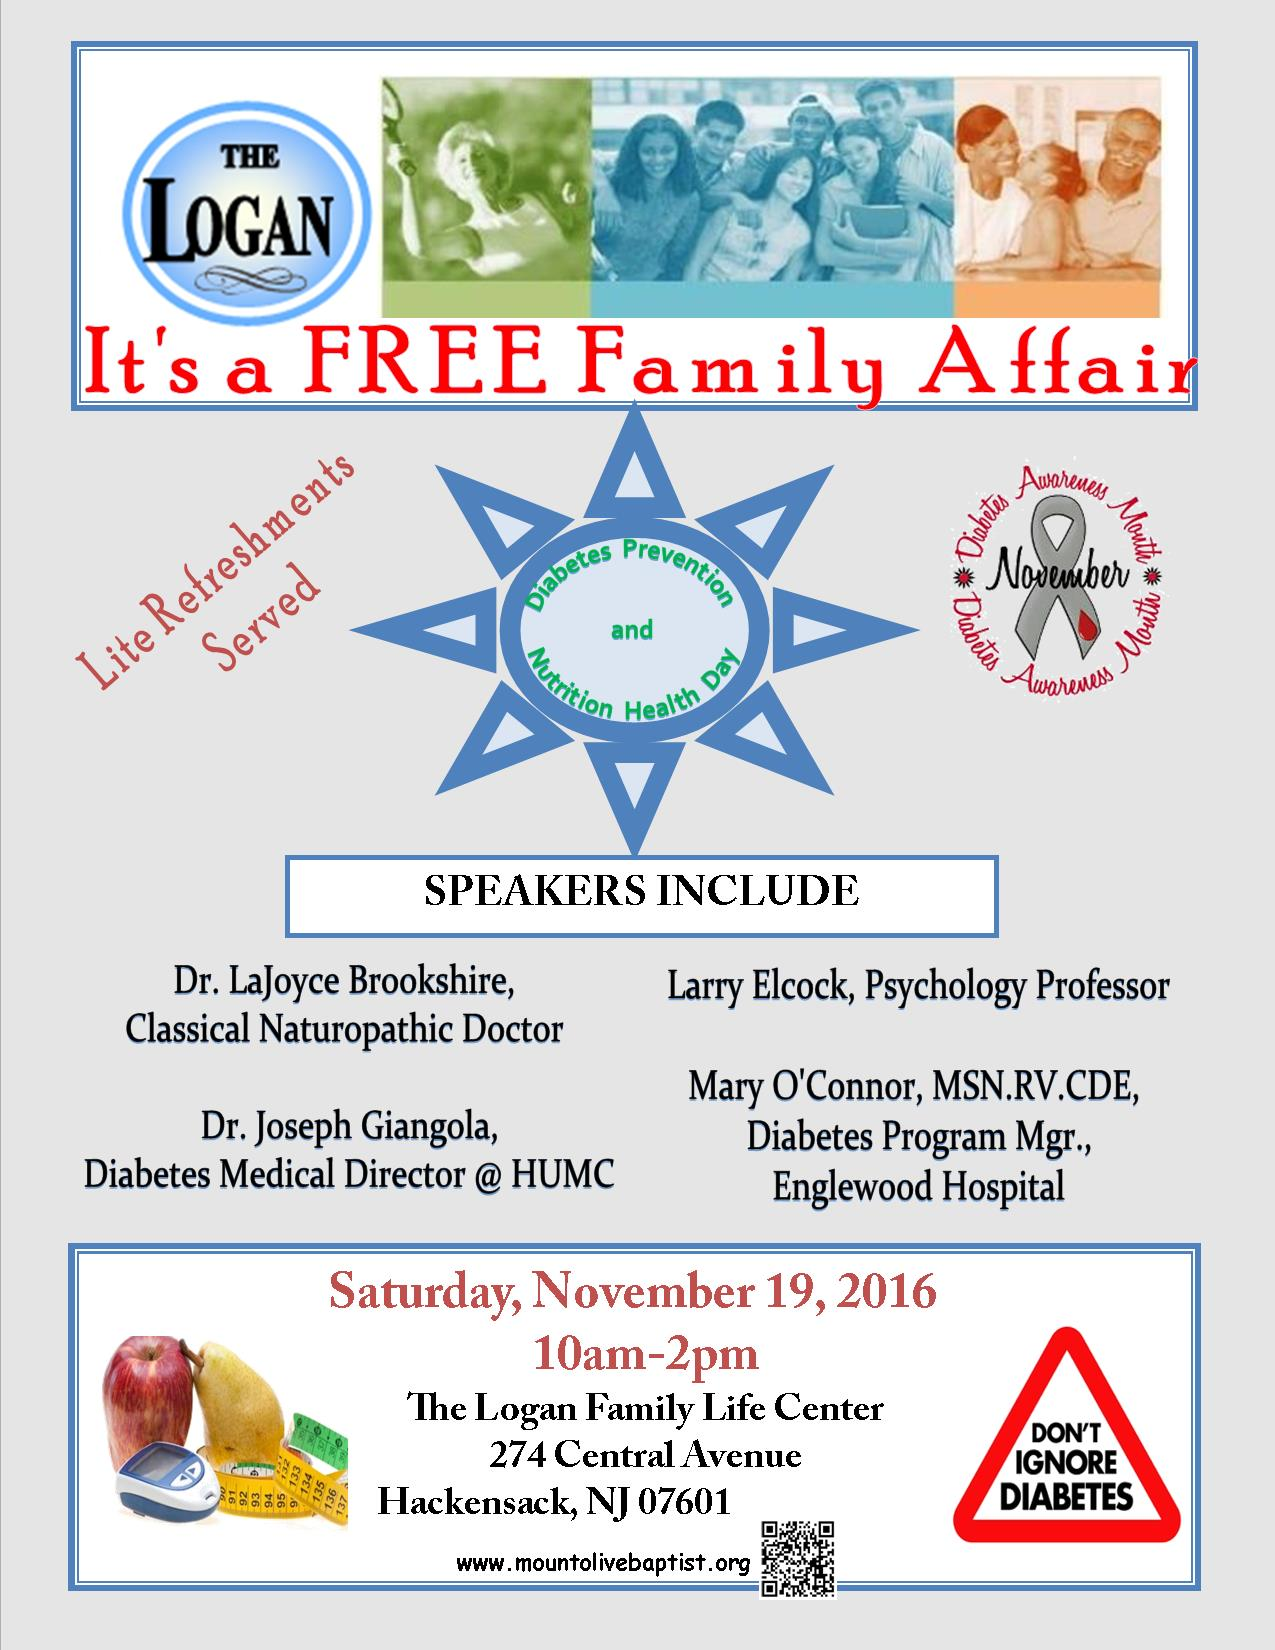 2016_Diabetes_Awareness_Workshop_Nov_19.jpg